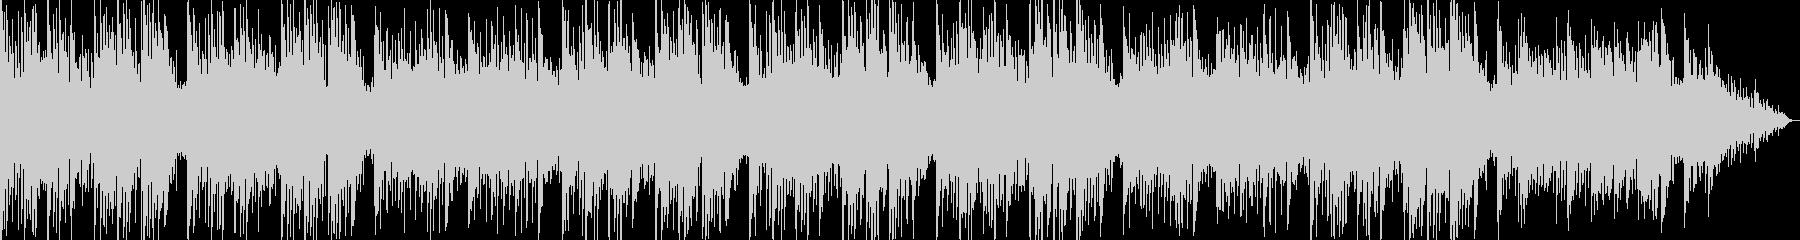 ピアノの旋律がきれいなバラードの未再生の波形